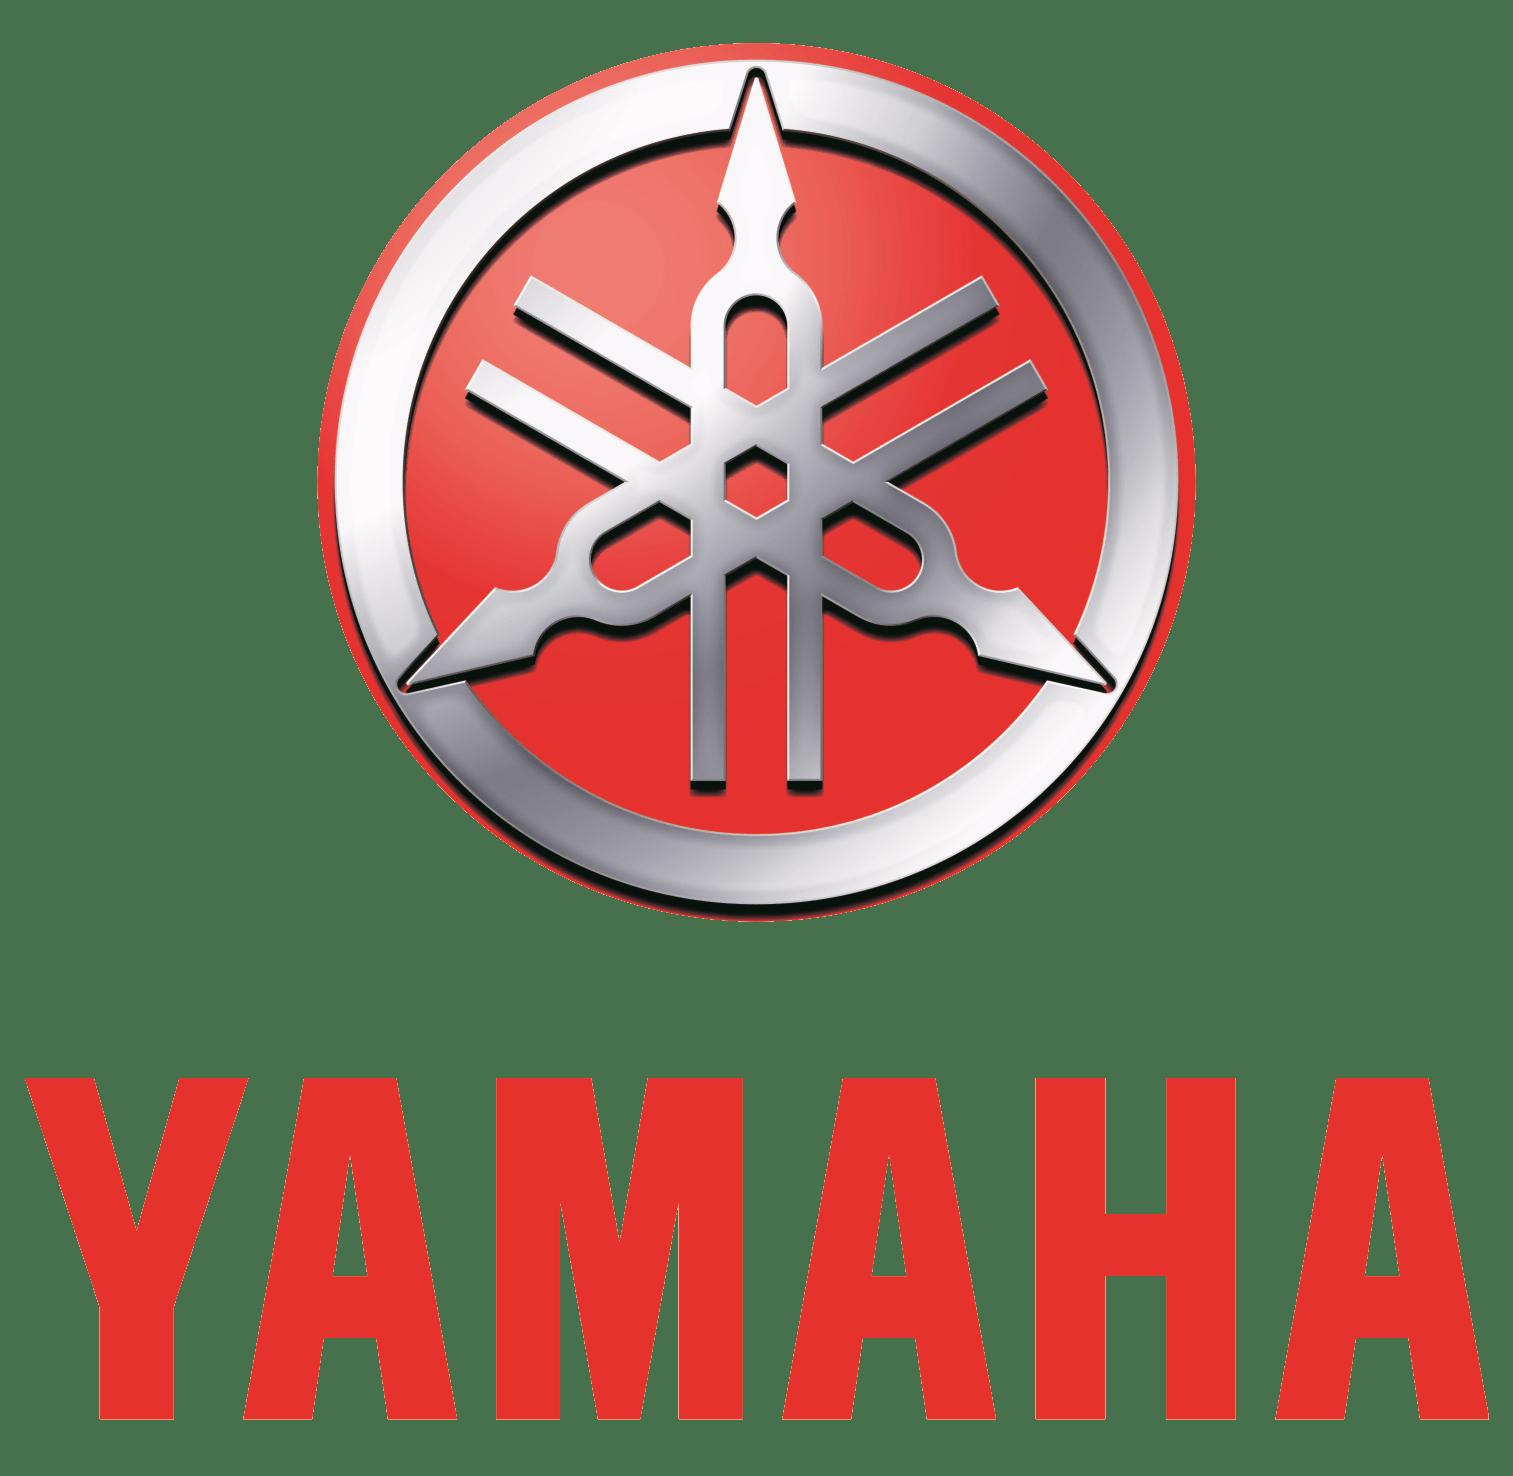 yamaha logo free2pngcom - photo #17